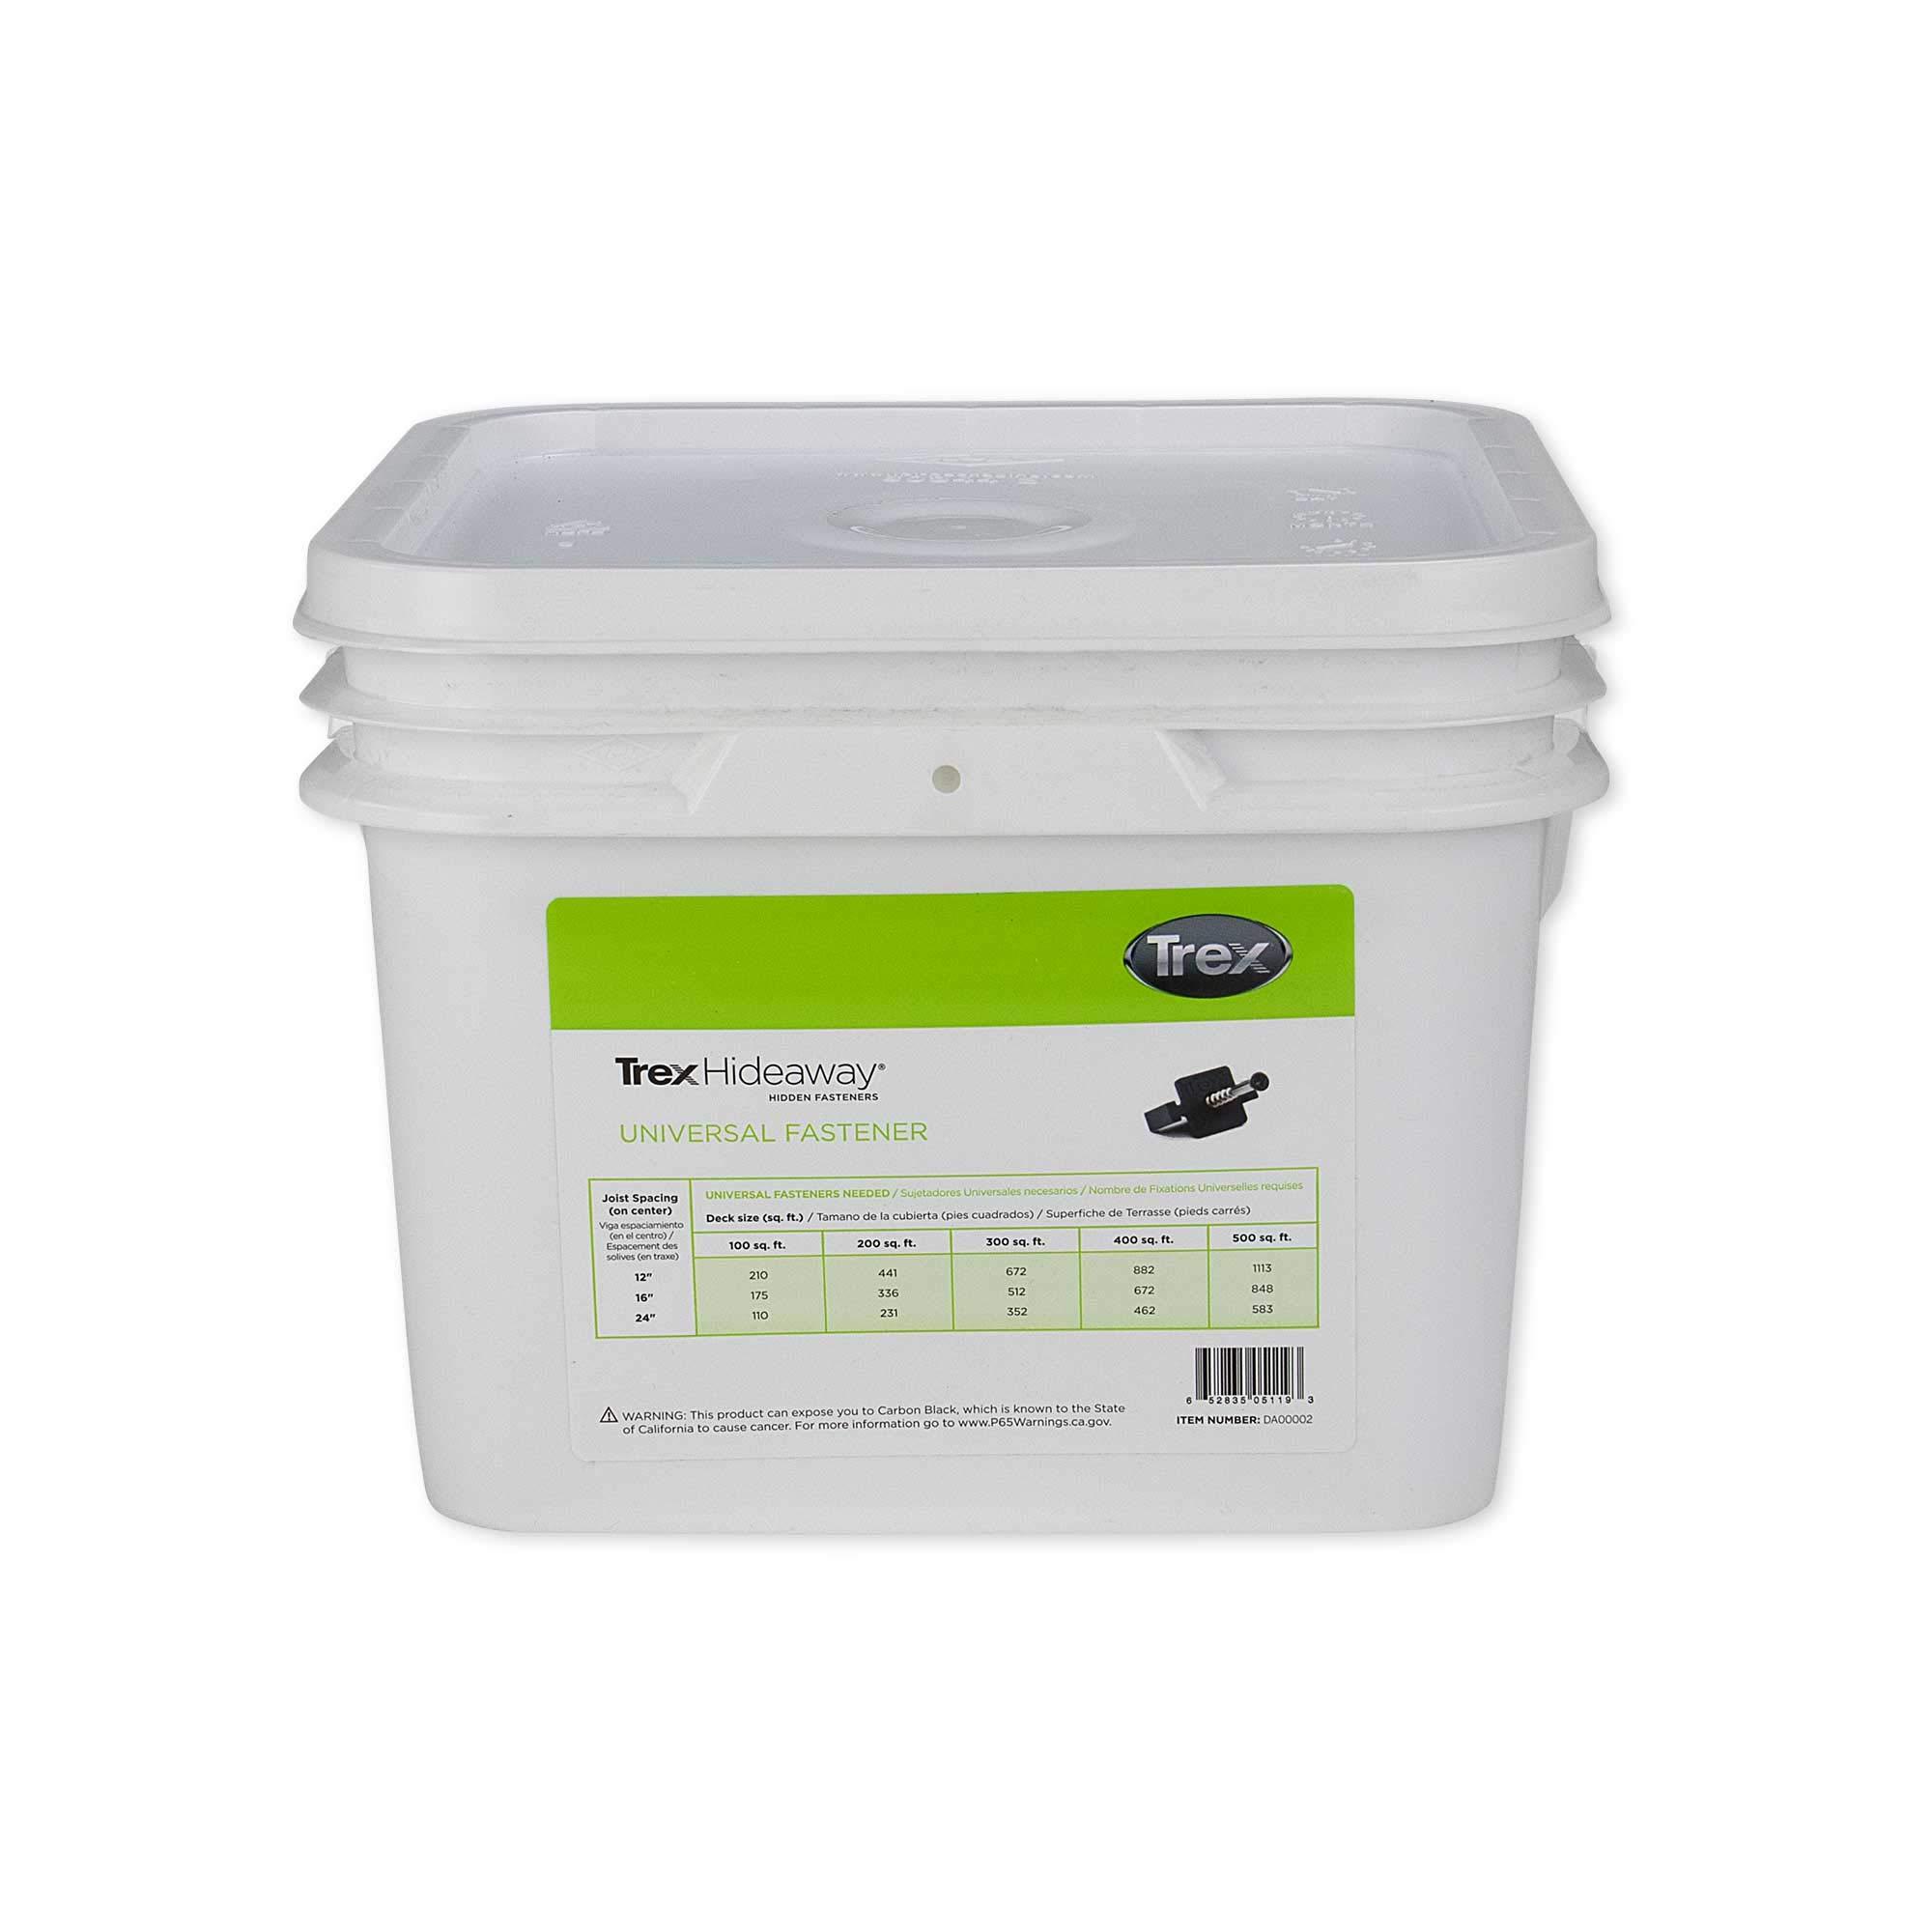 Trex Hideaway Universal Hidden Deck Fastener Clip 500 SQFT Bucket